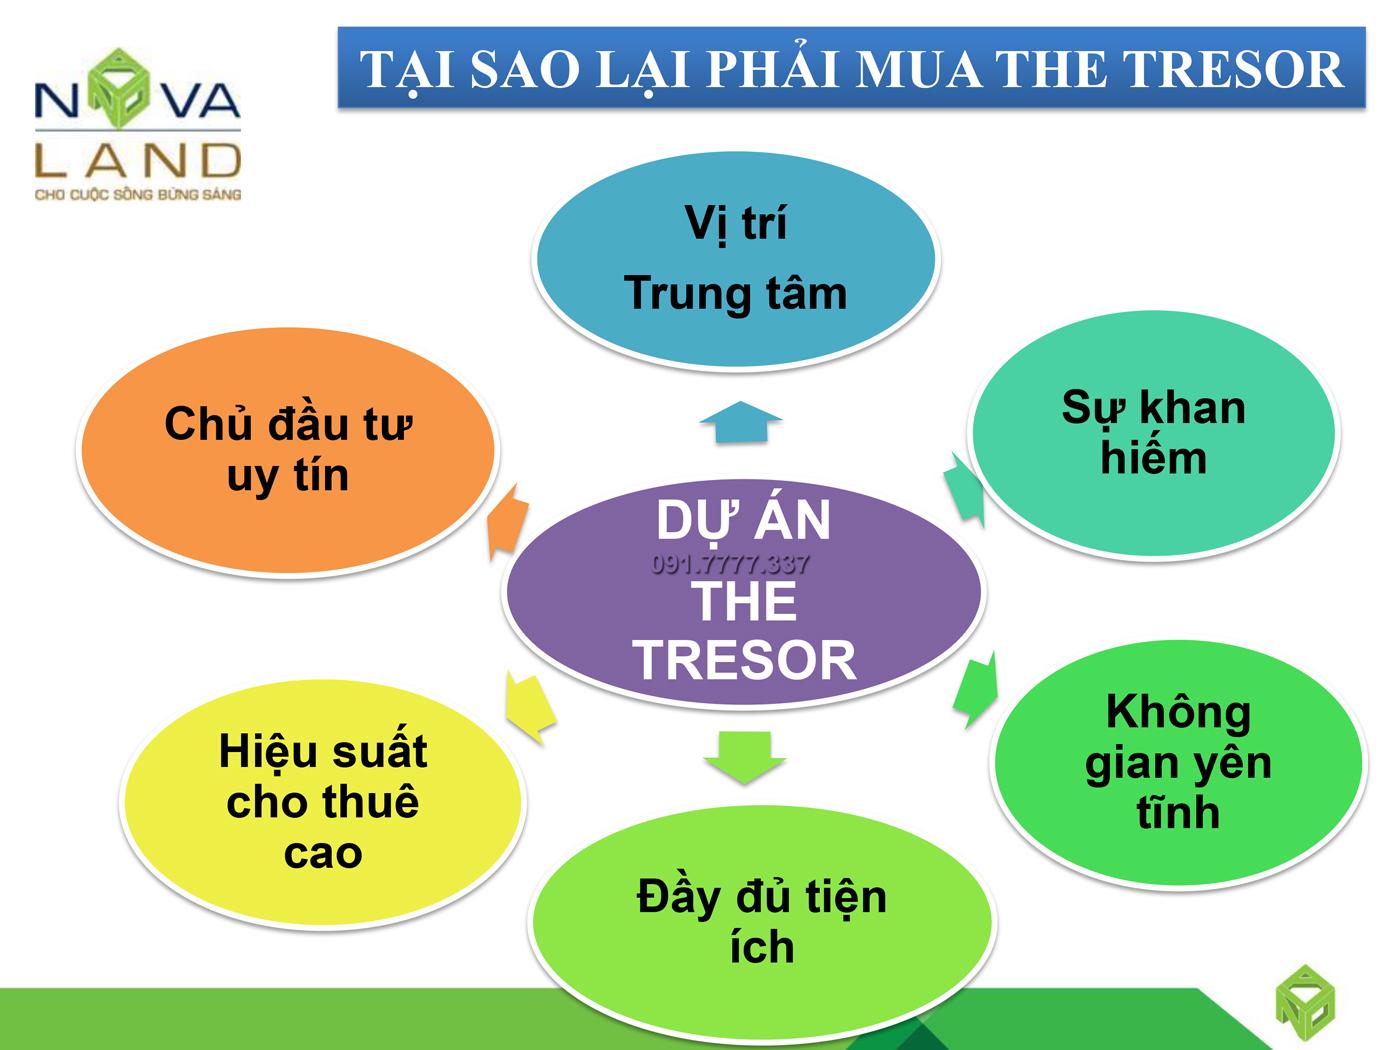 tai-sao-lai-phai-mua-the-tresor